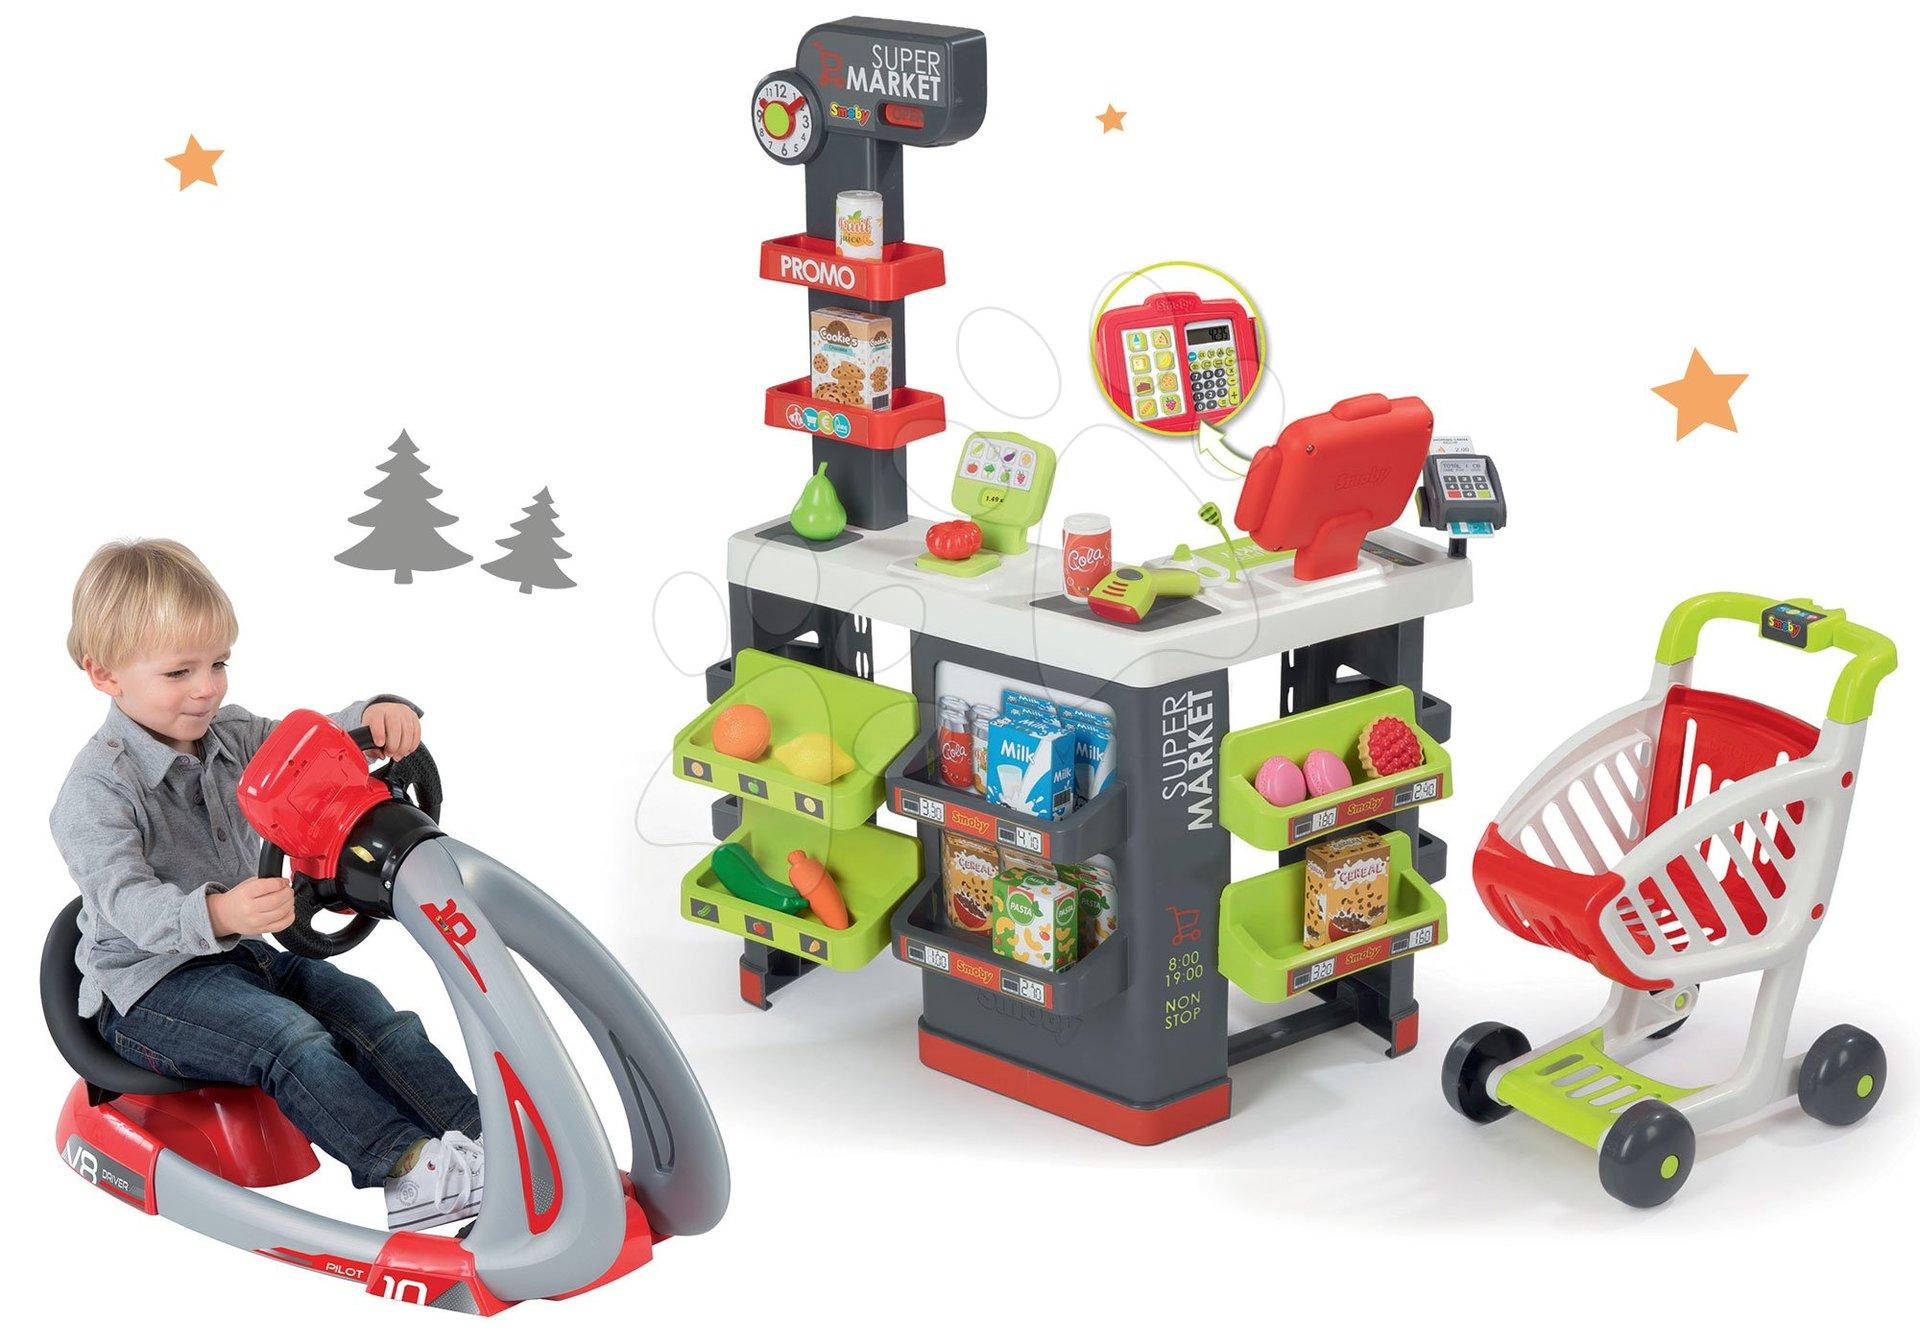 Smoby set obchod s vozíkem Supermarket a trenažér V8 Driver elektronický 350213-15